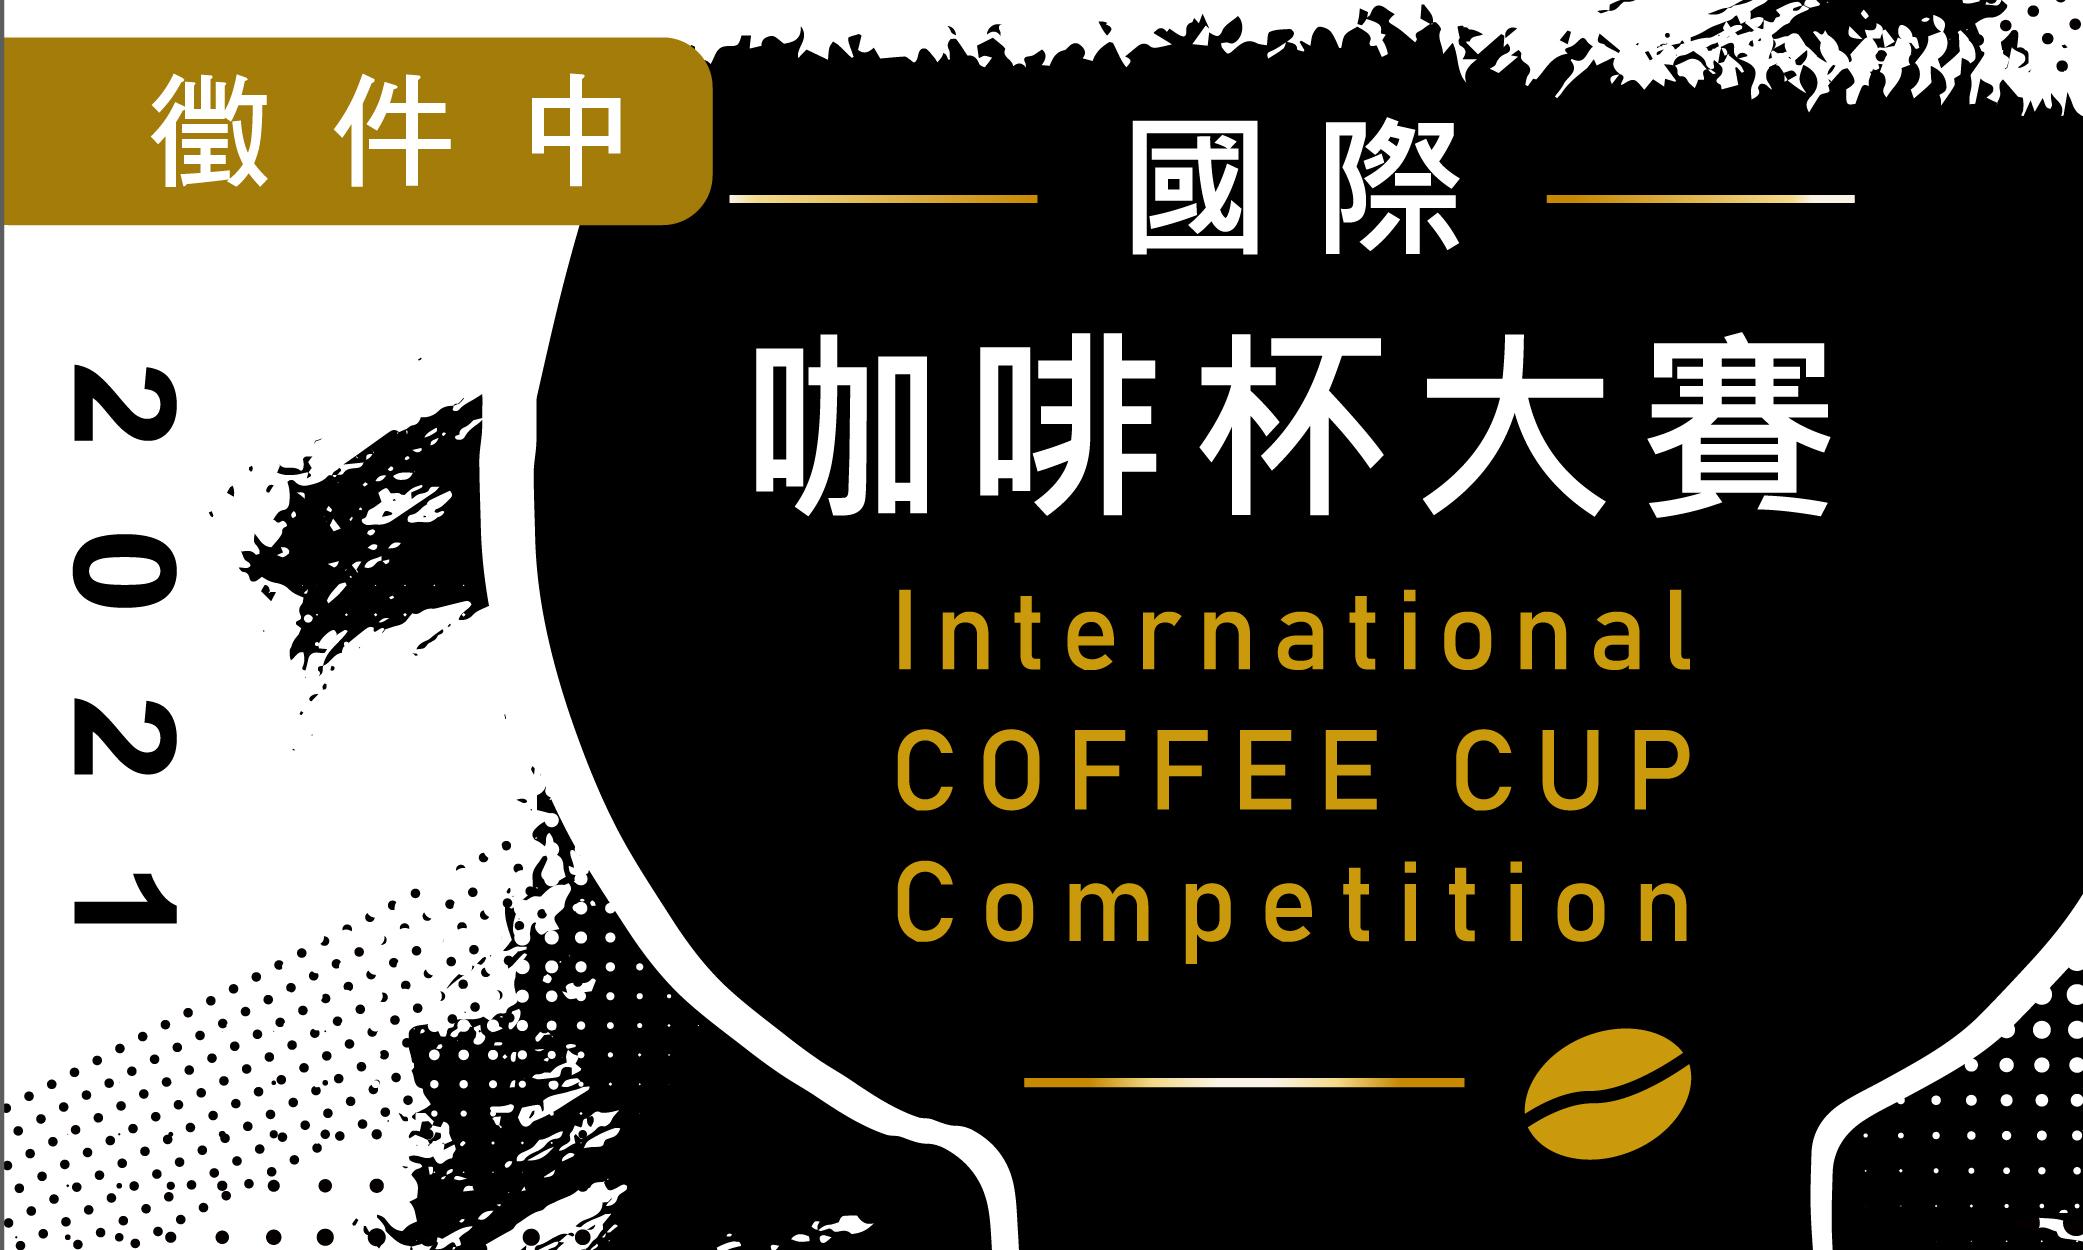 「2021國際咖啡杯大賽」徵件簡章